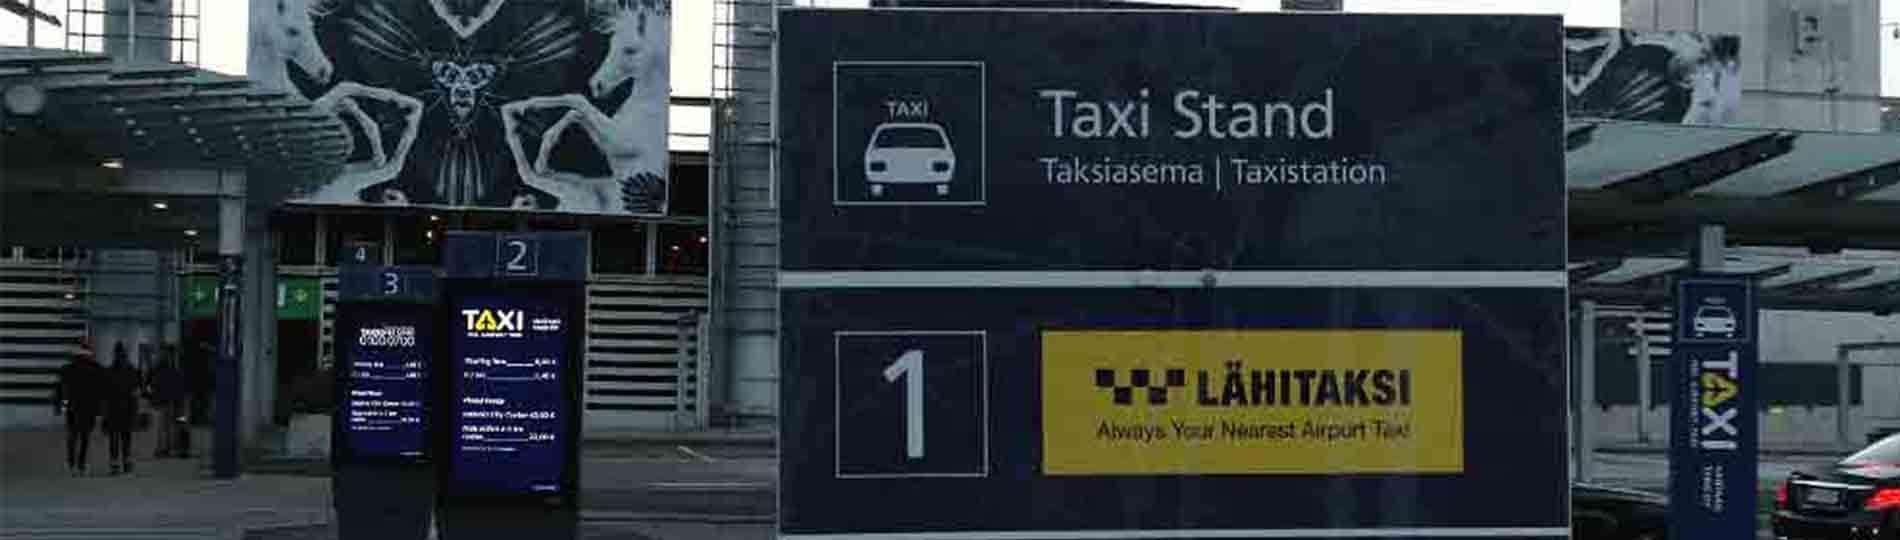 Paradas de Taxi